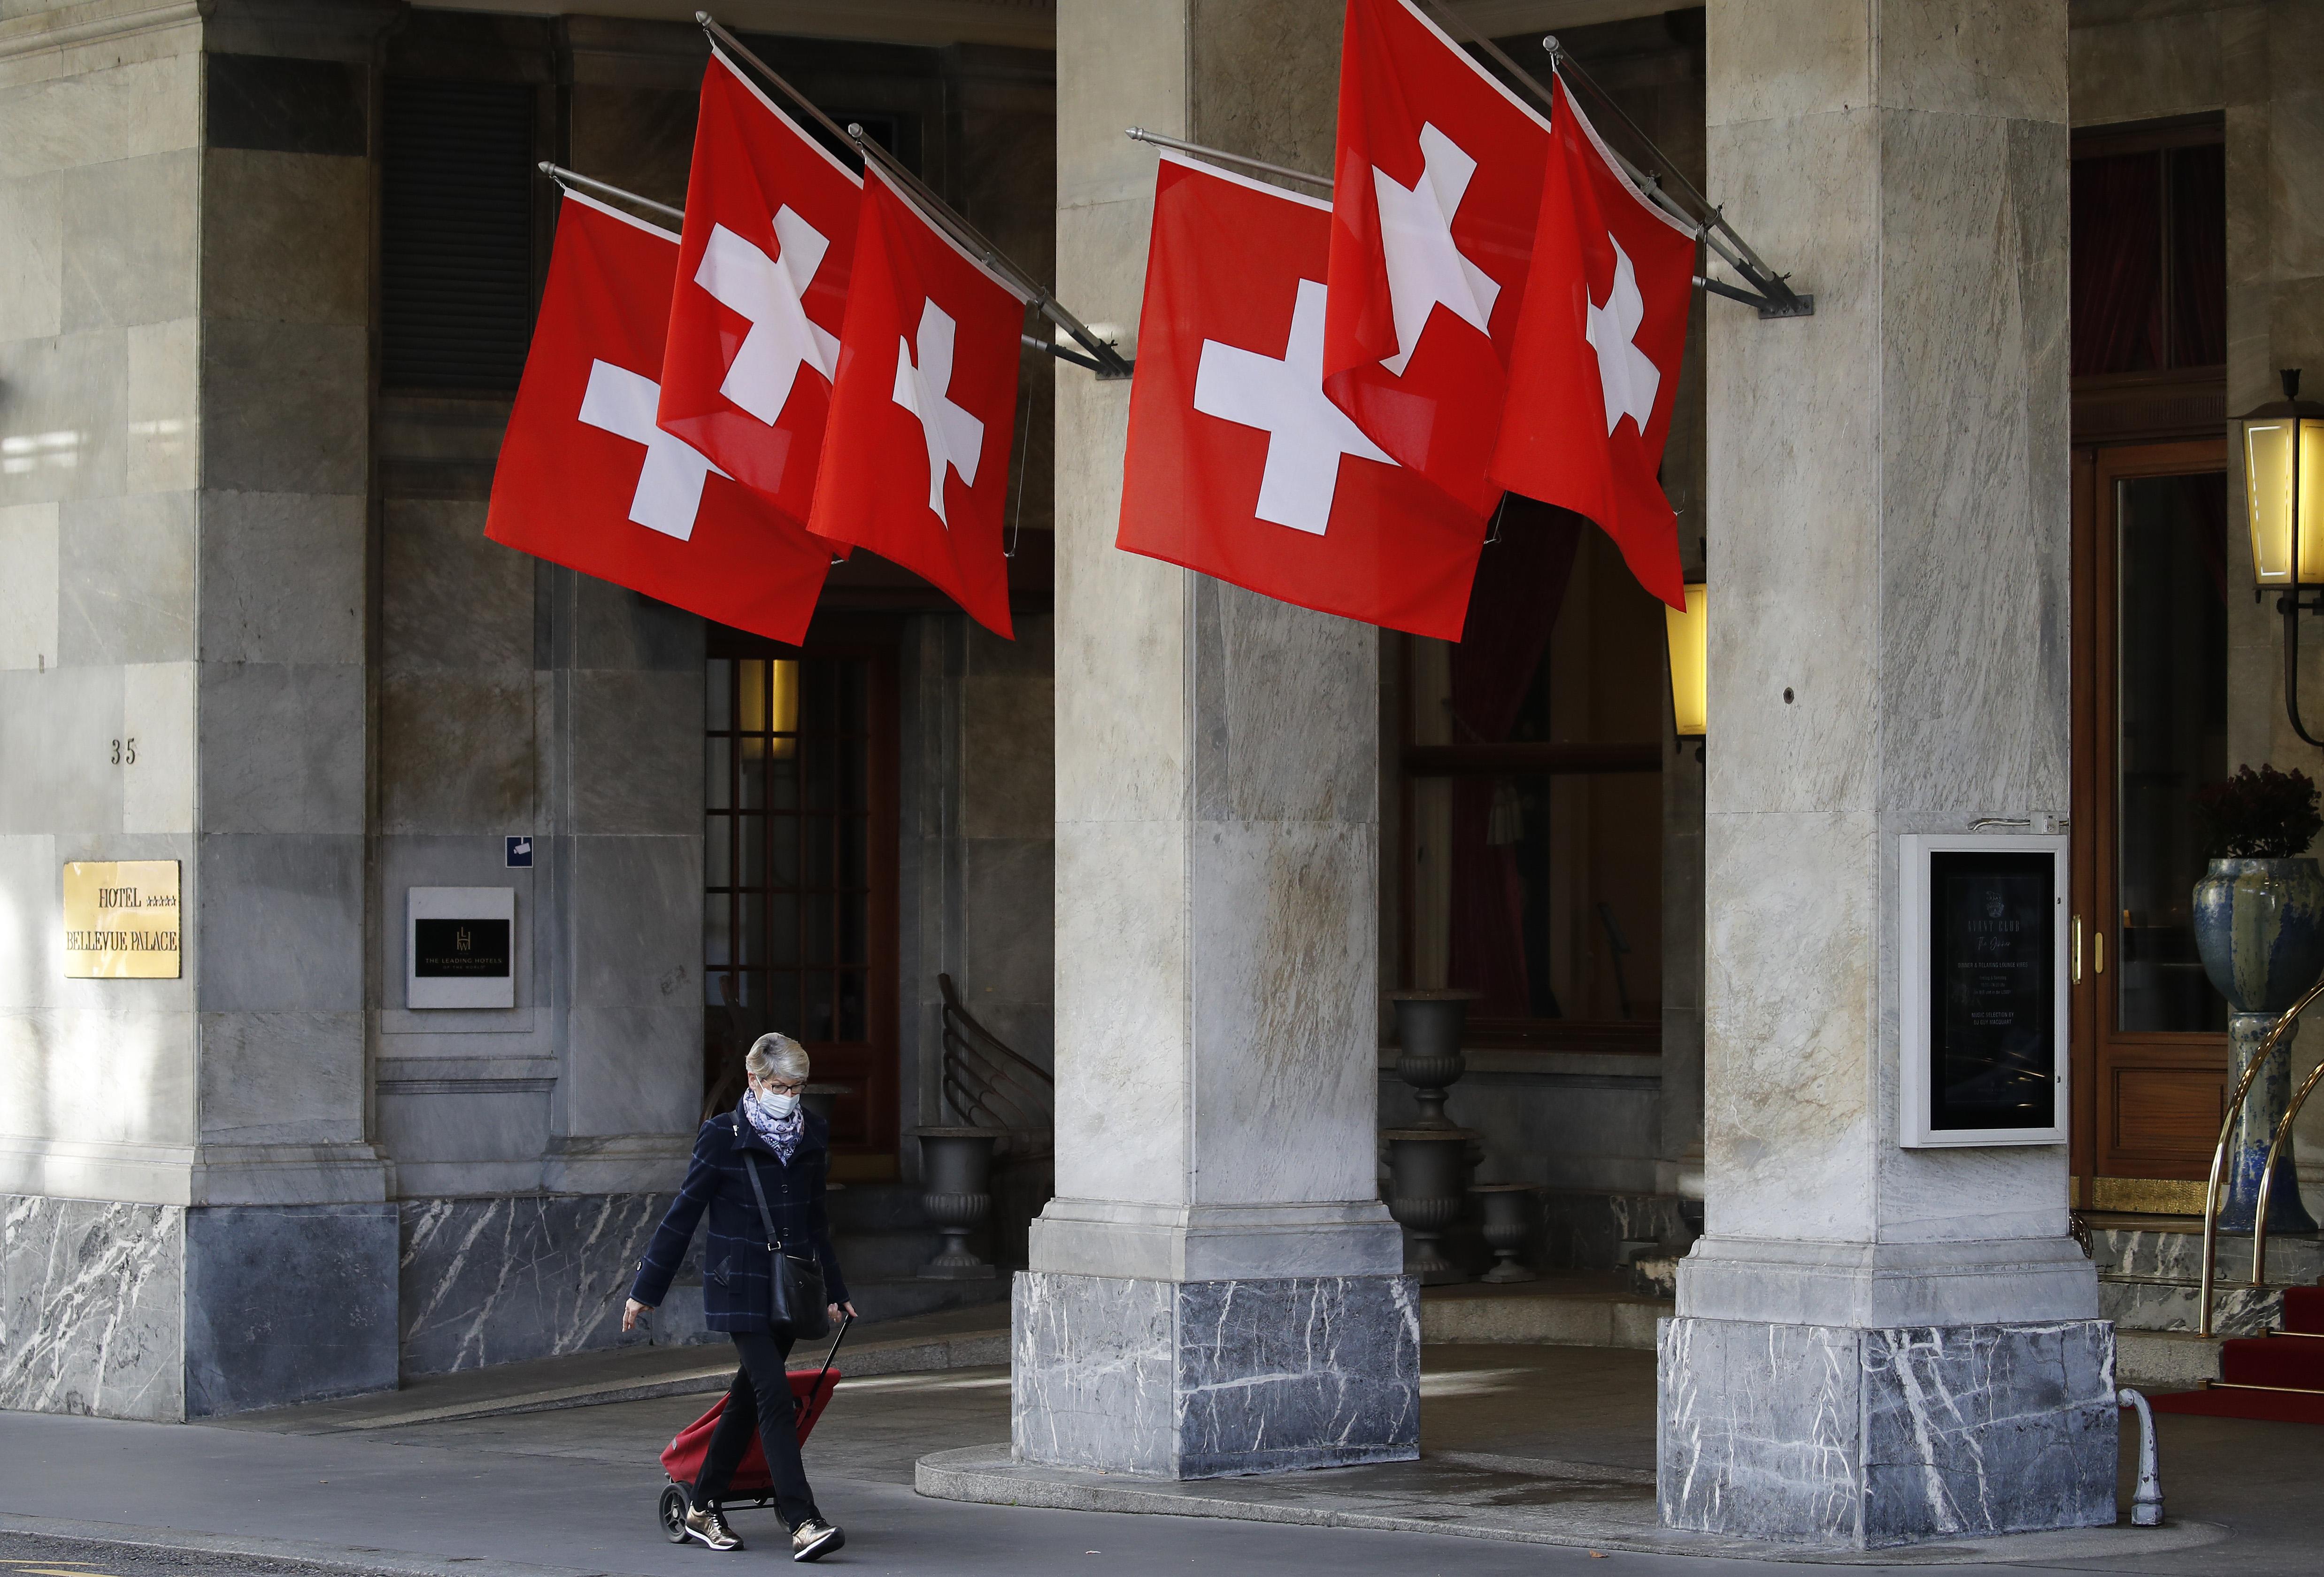 Nem minden halál katasztrófa – mondta egy svájci politikus egy tévés vitában